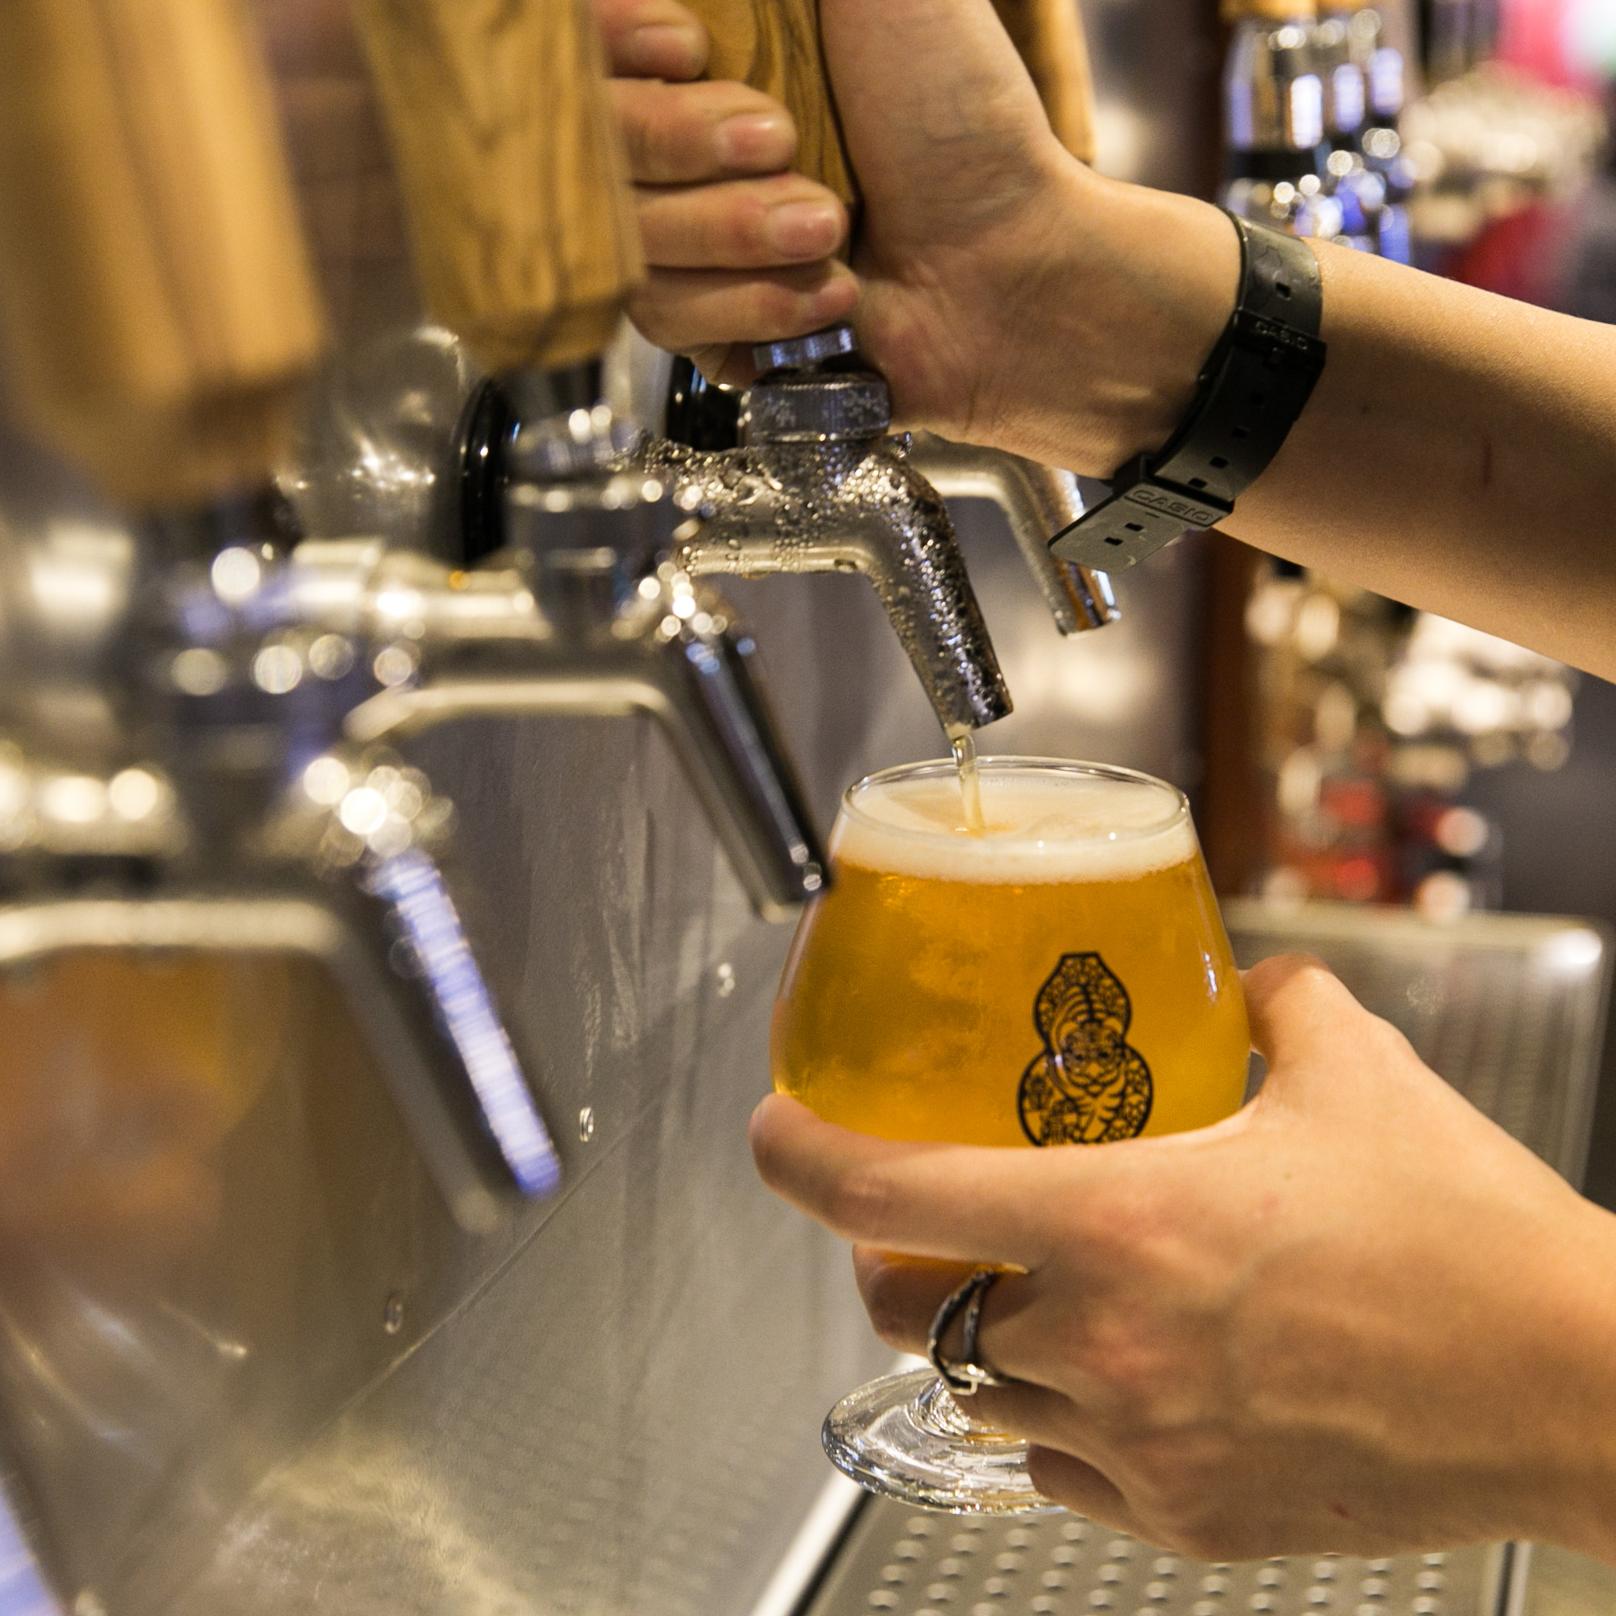 啤酒迷絕不能錯過的年度盛事!「2019 福虎祭」即將登場